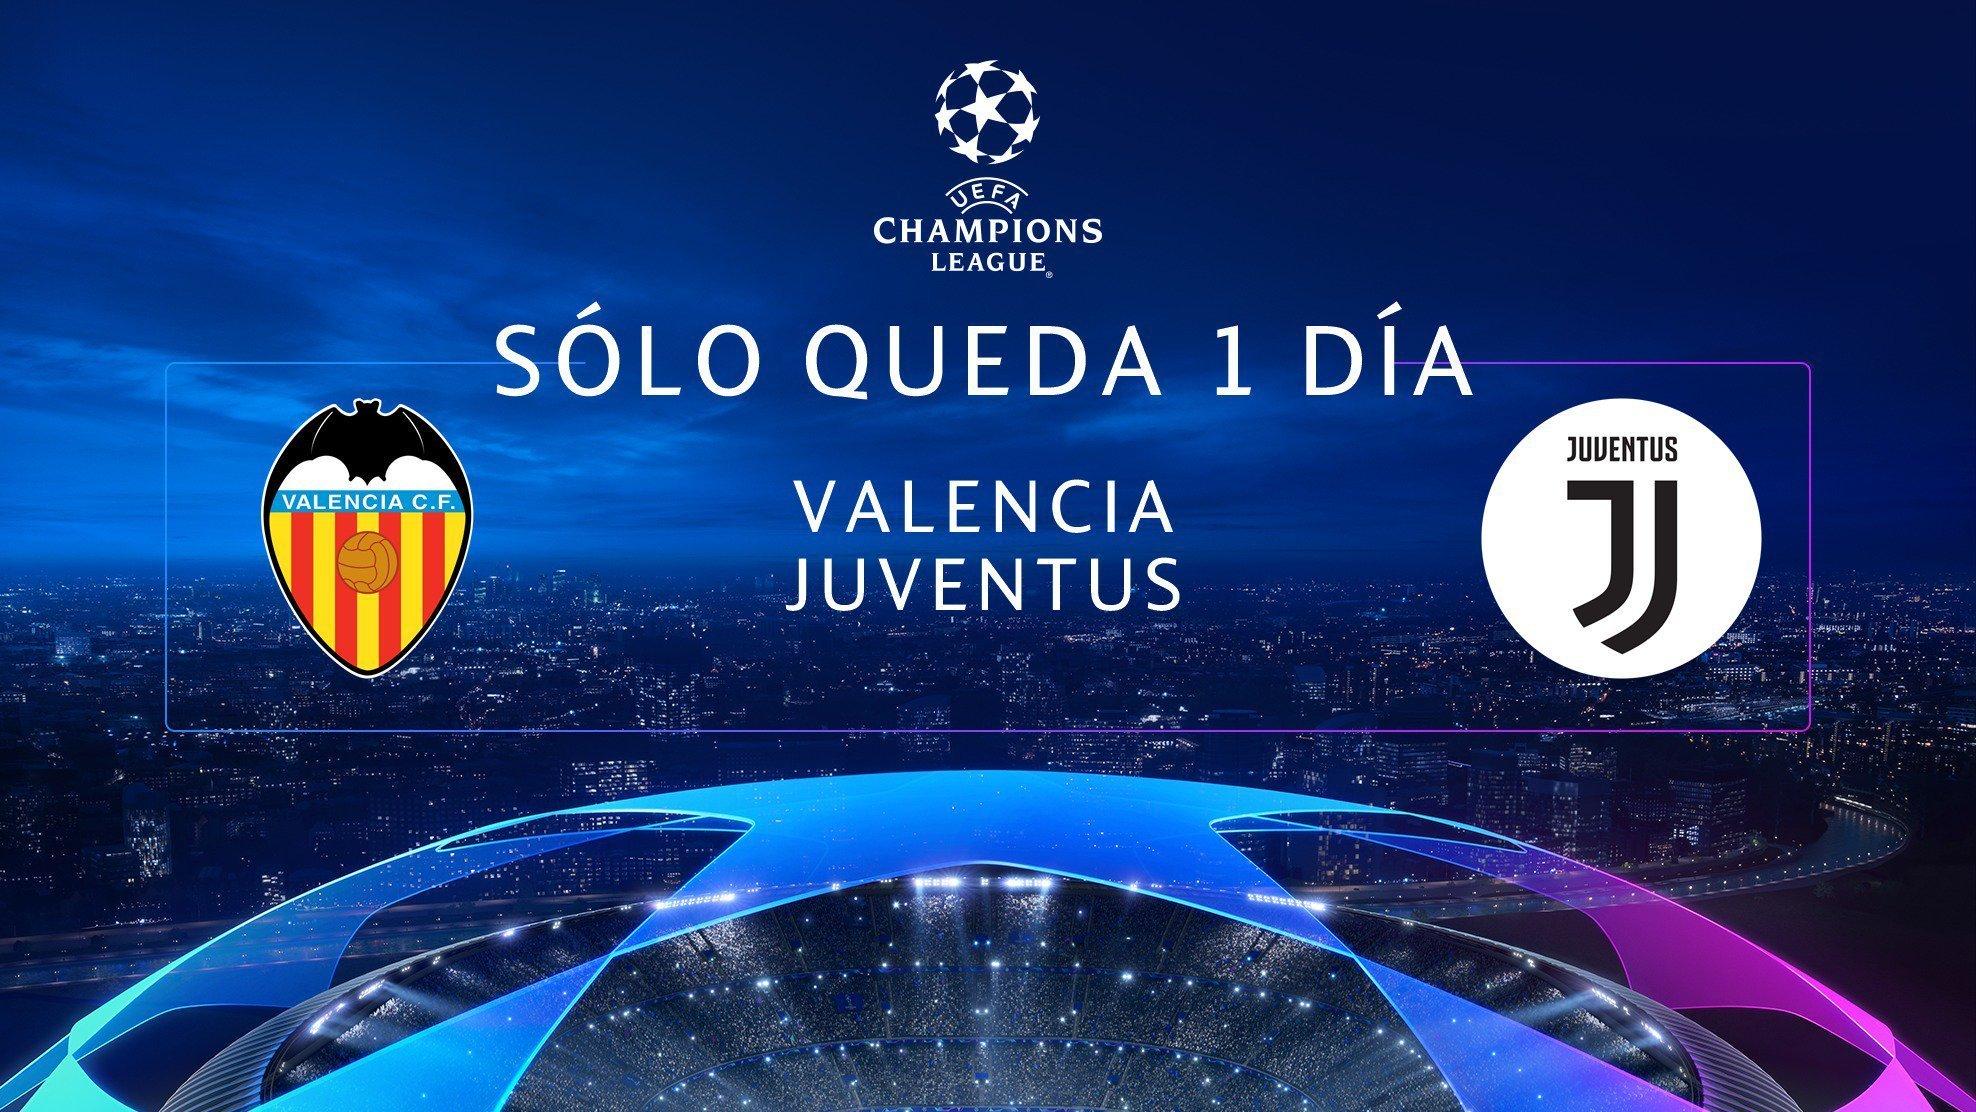 Ставки на матч Рома – Валенсия, Лига чемпионов 2018